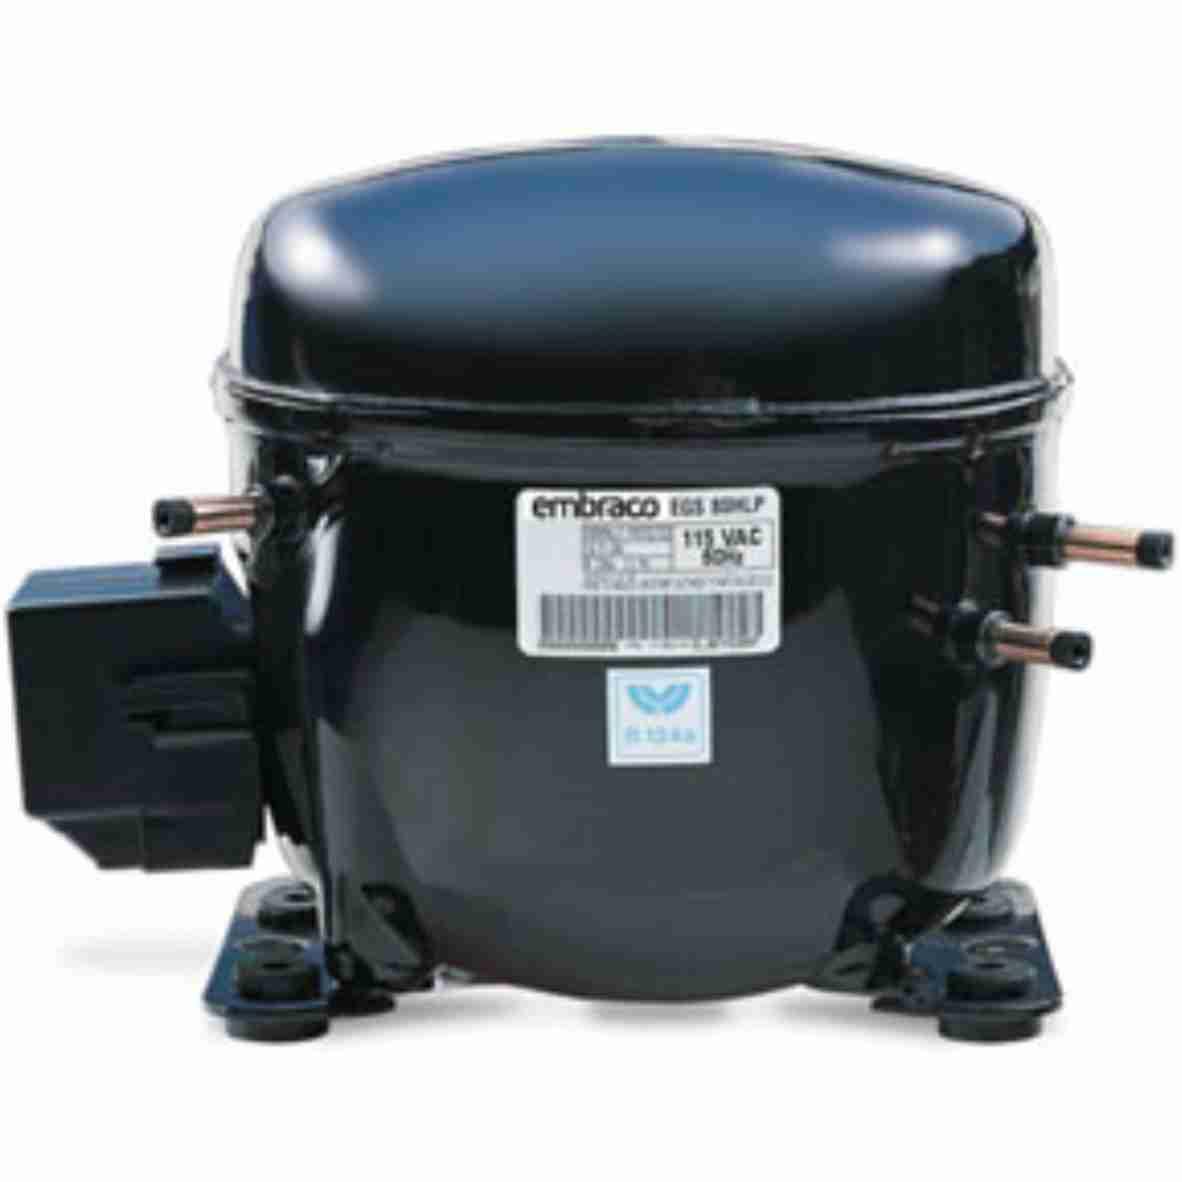 Compressor 1/3 110v 134 EGAS 90HLR Embraco